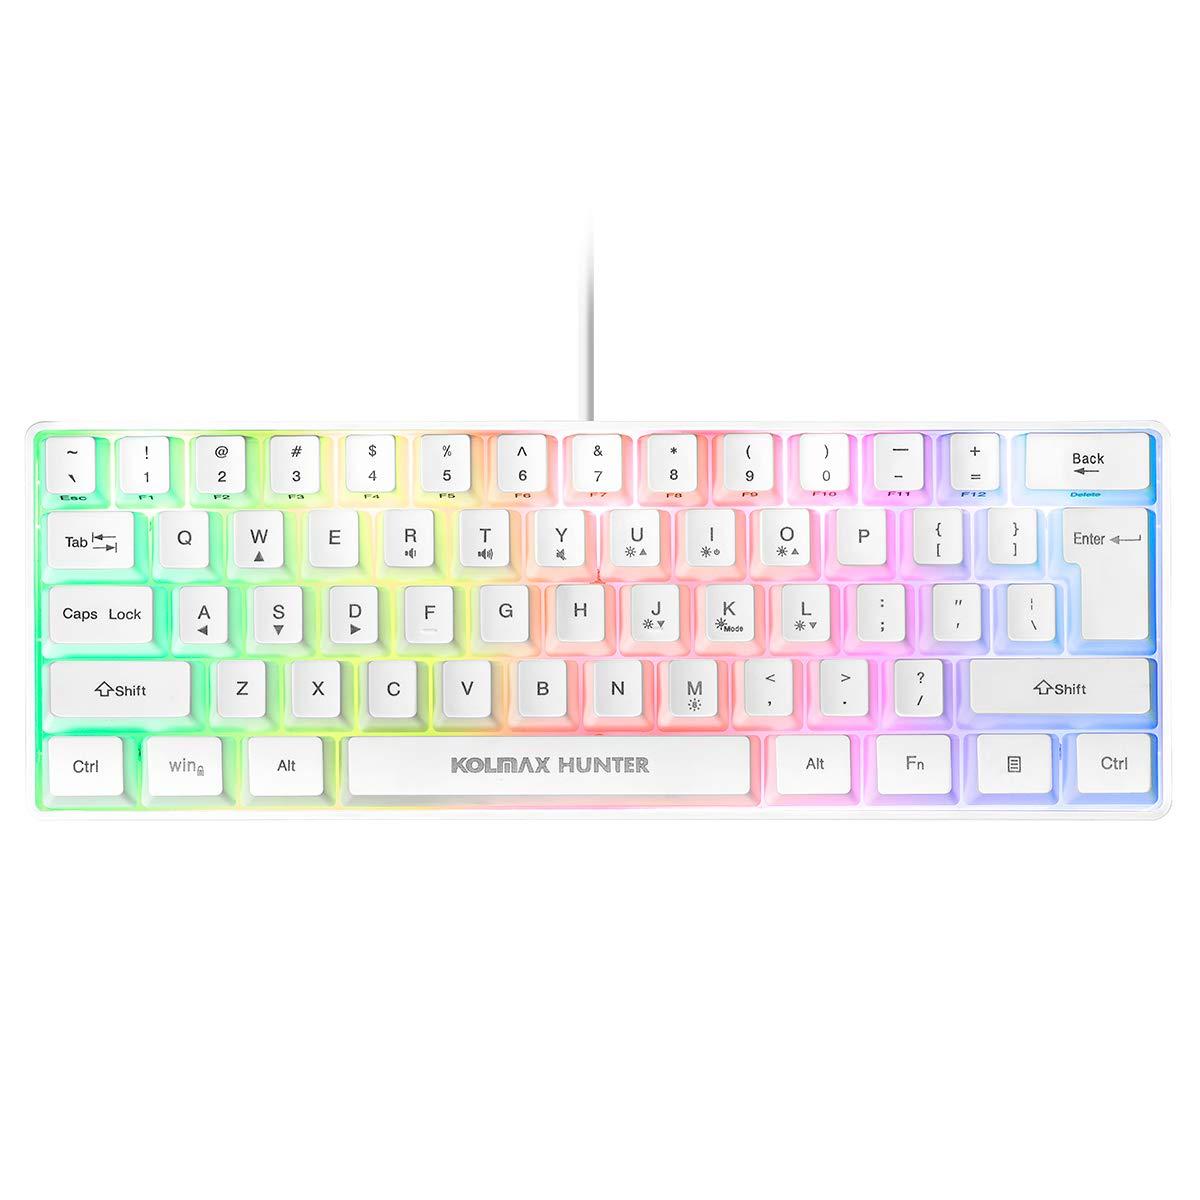 60% RGB Gaming Keyboard,61 Keys RGB Backlit Wired Gaming Keyboard/Office Mini Keyboard for PC/Mac/Linux/Laptop(White)